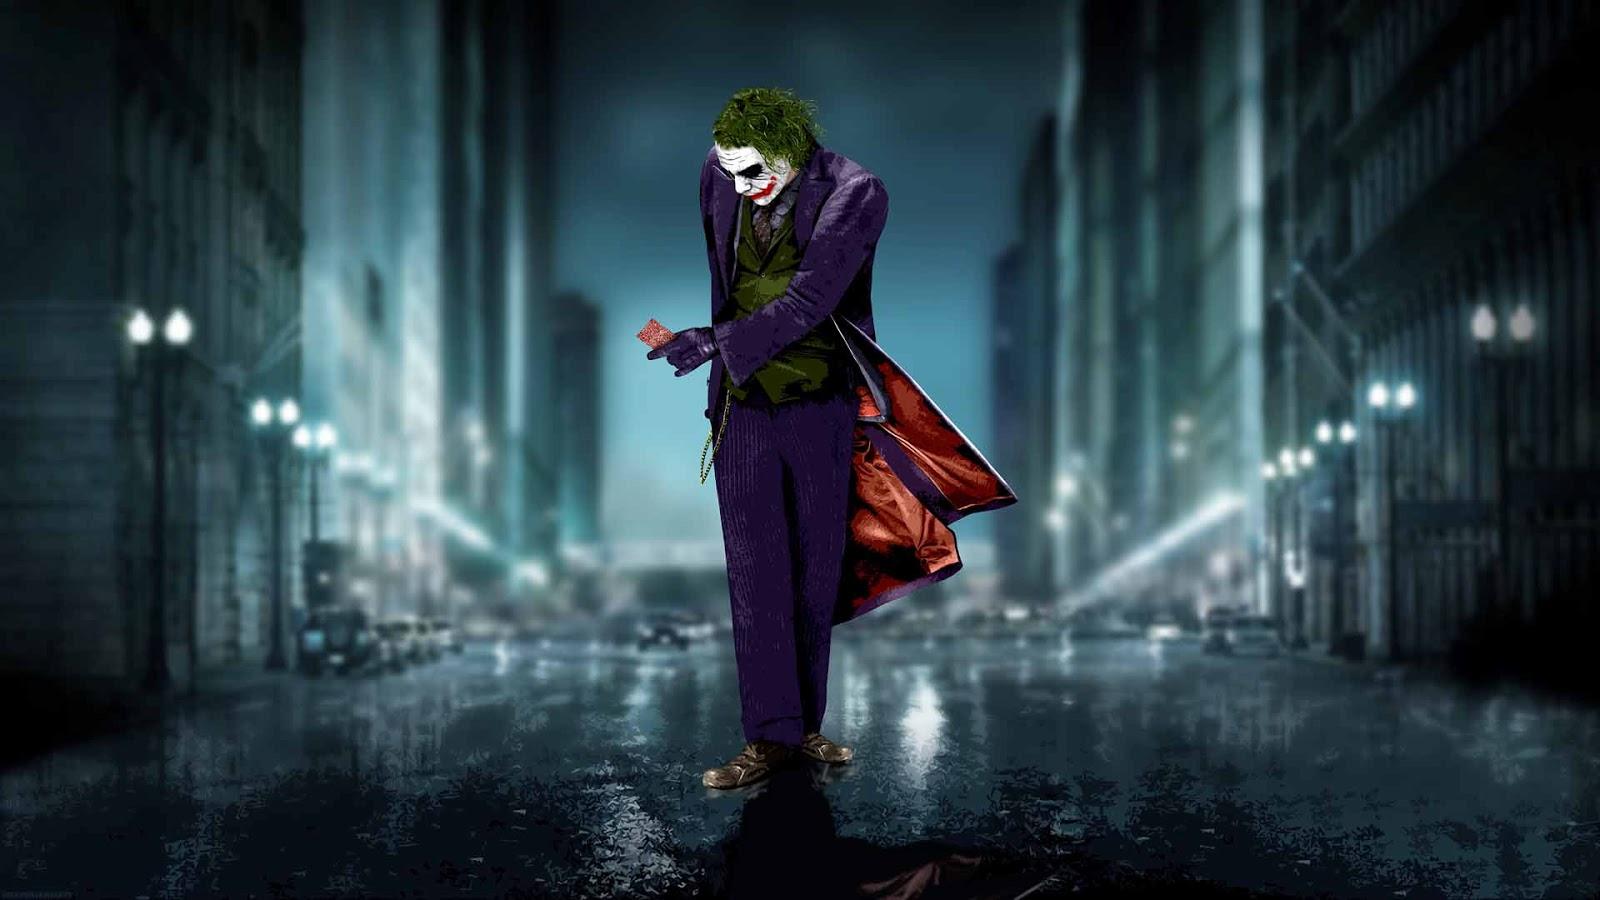 The Joker HD Wallpaper 1600x900